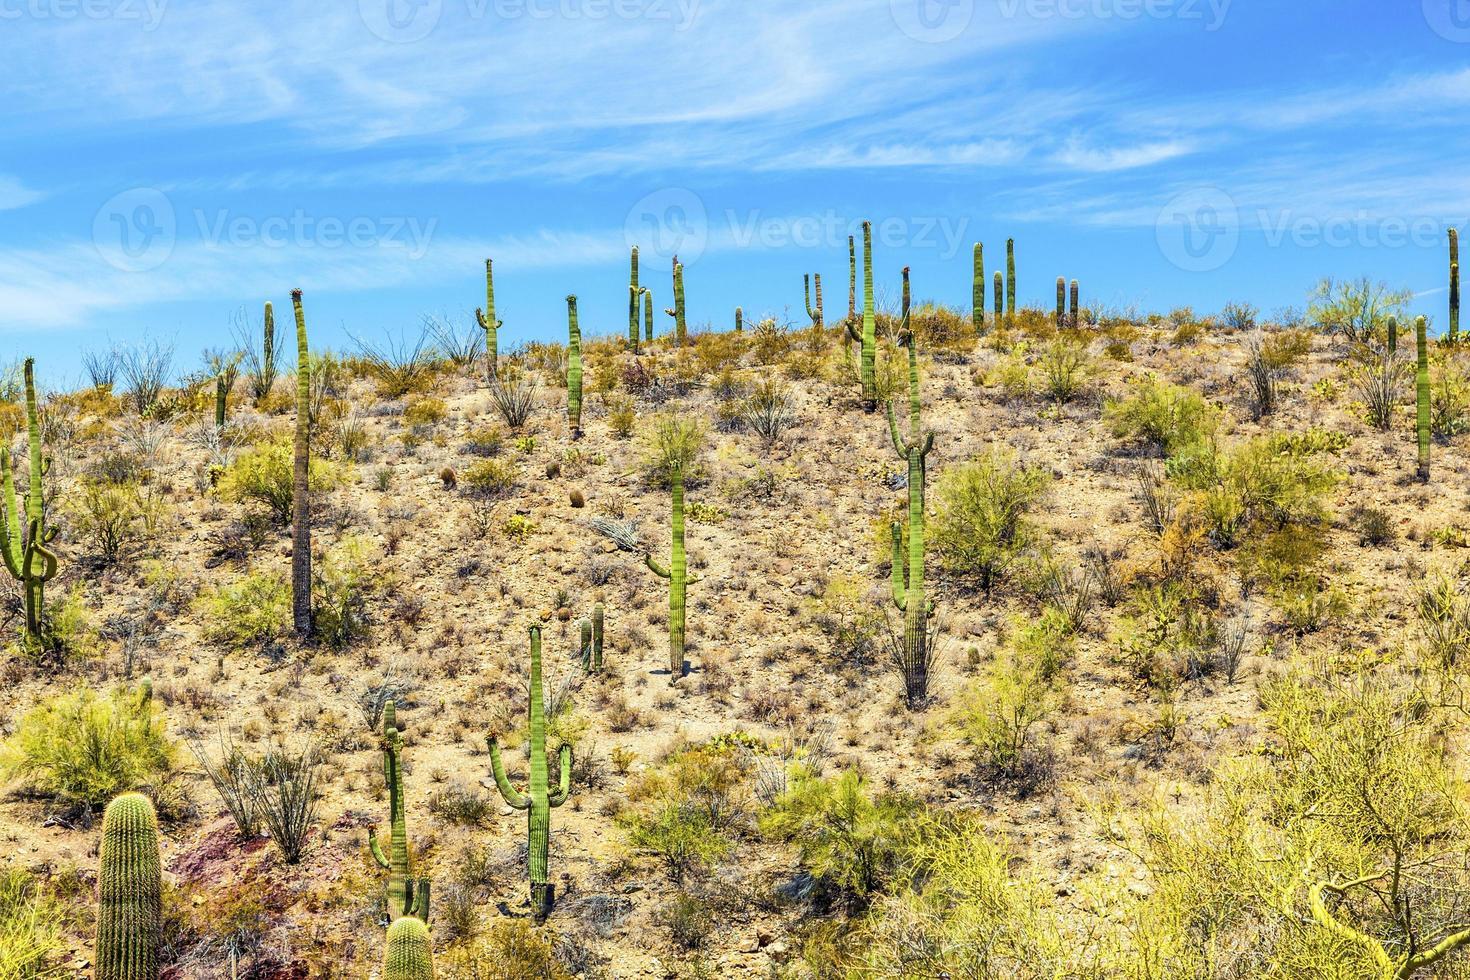 prachtige woestijn berglandschap met cactussen foto